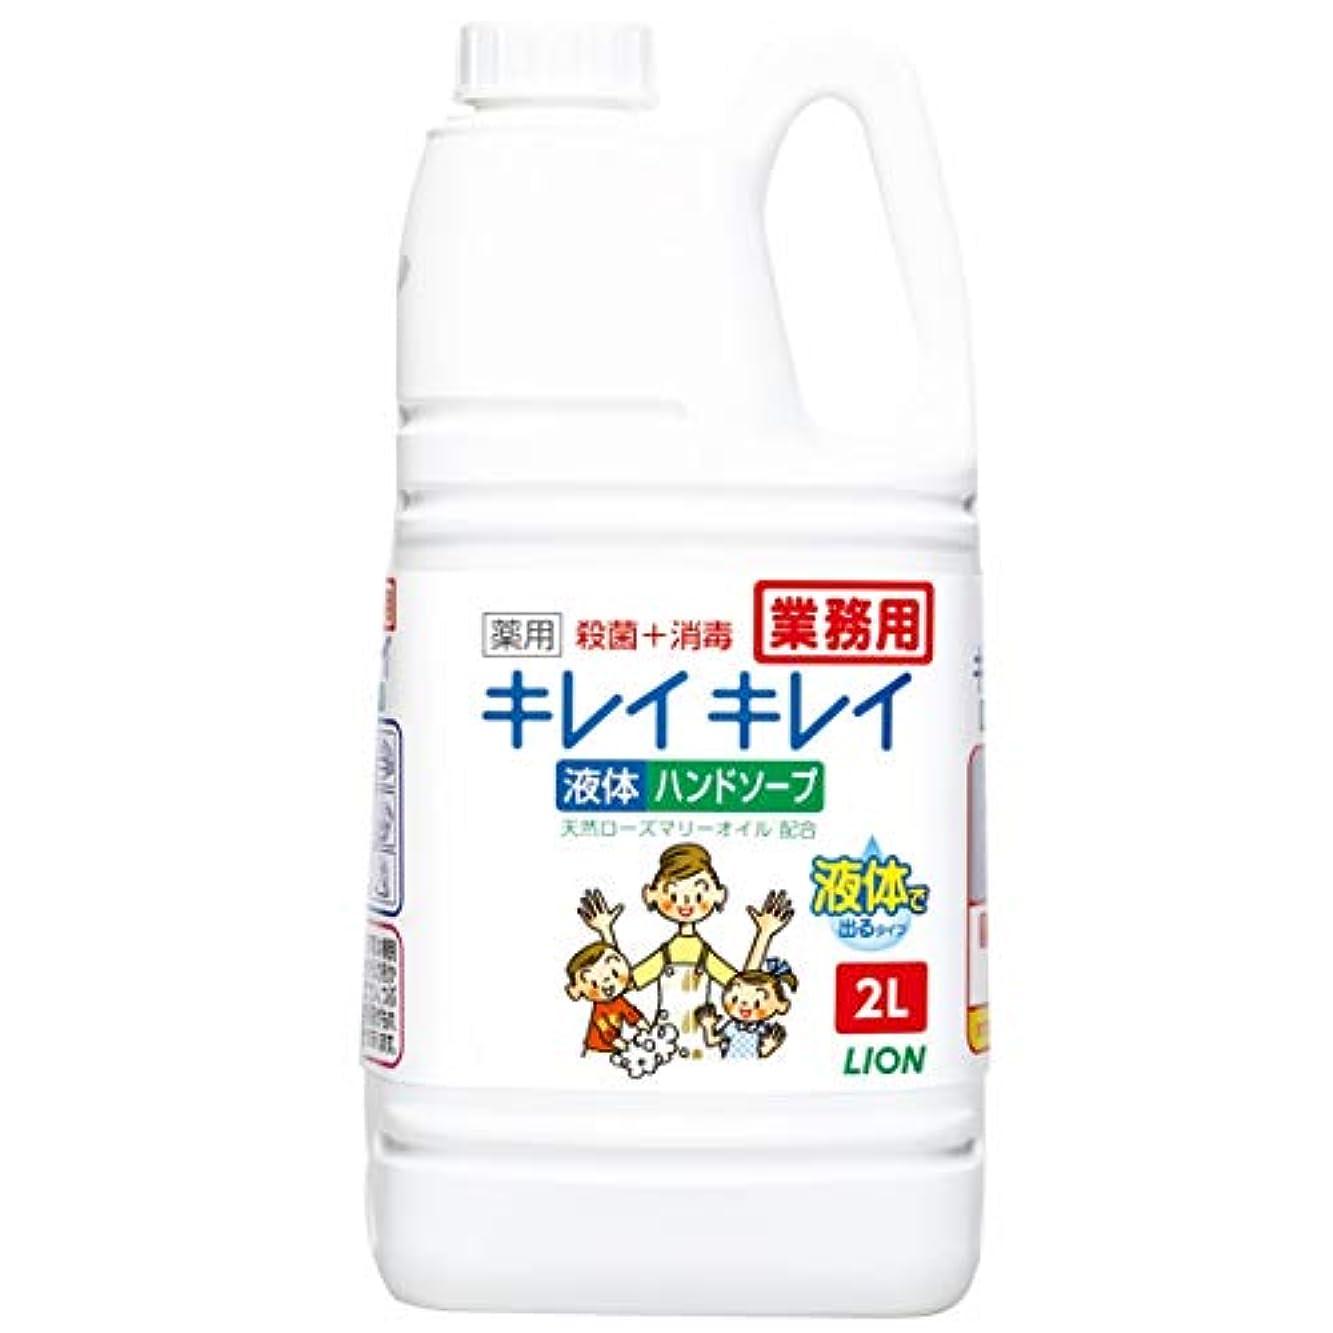 優れた太平洋諸島鼓舞する【業務用 大容量】キレイキレイ 薬用 ハンドソープ 2L(医薬部外品)